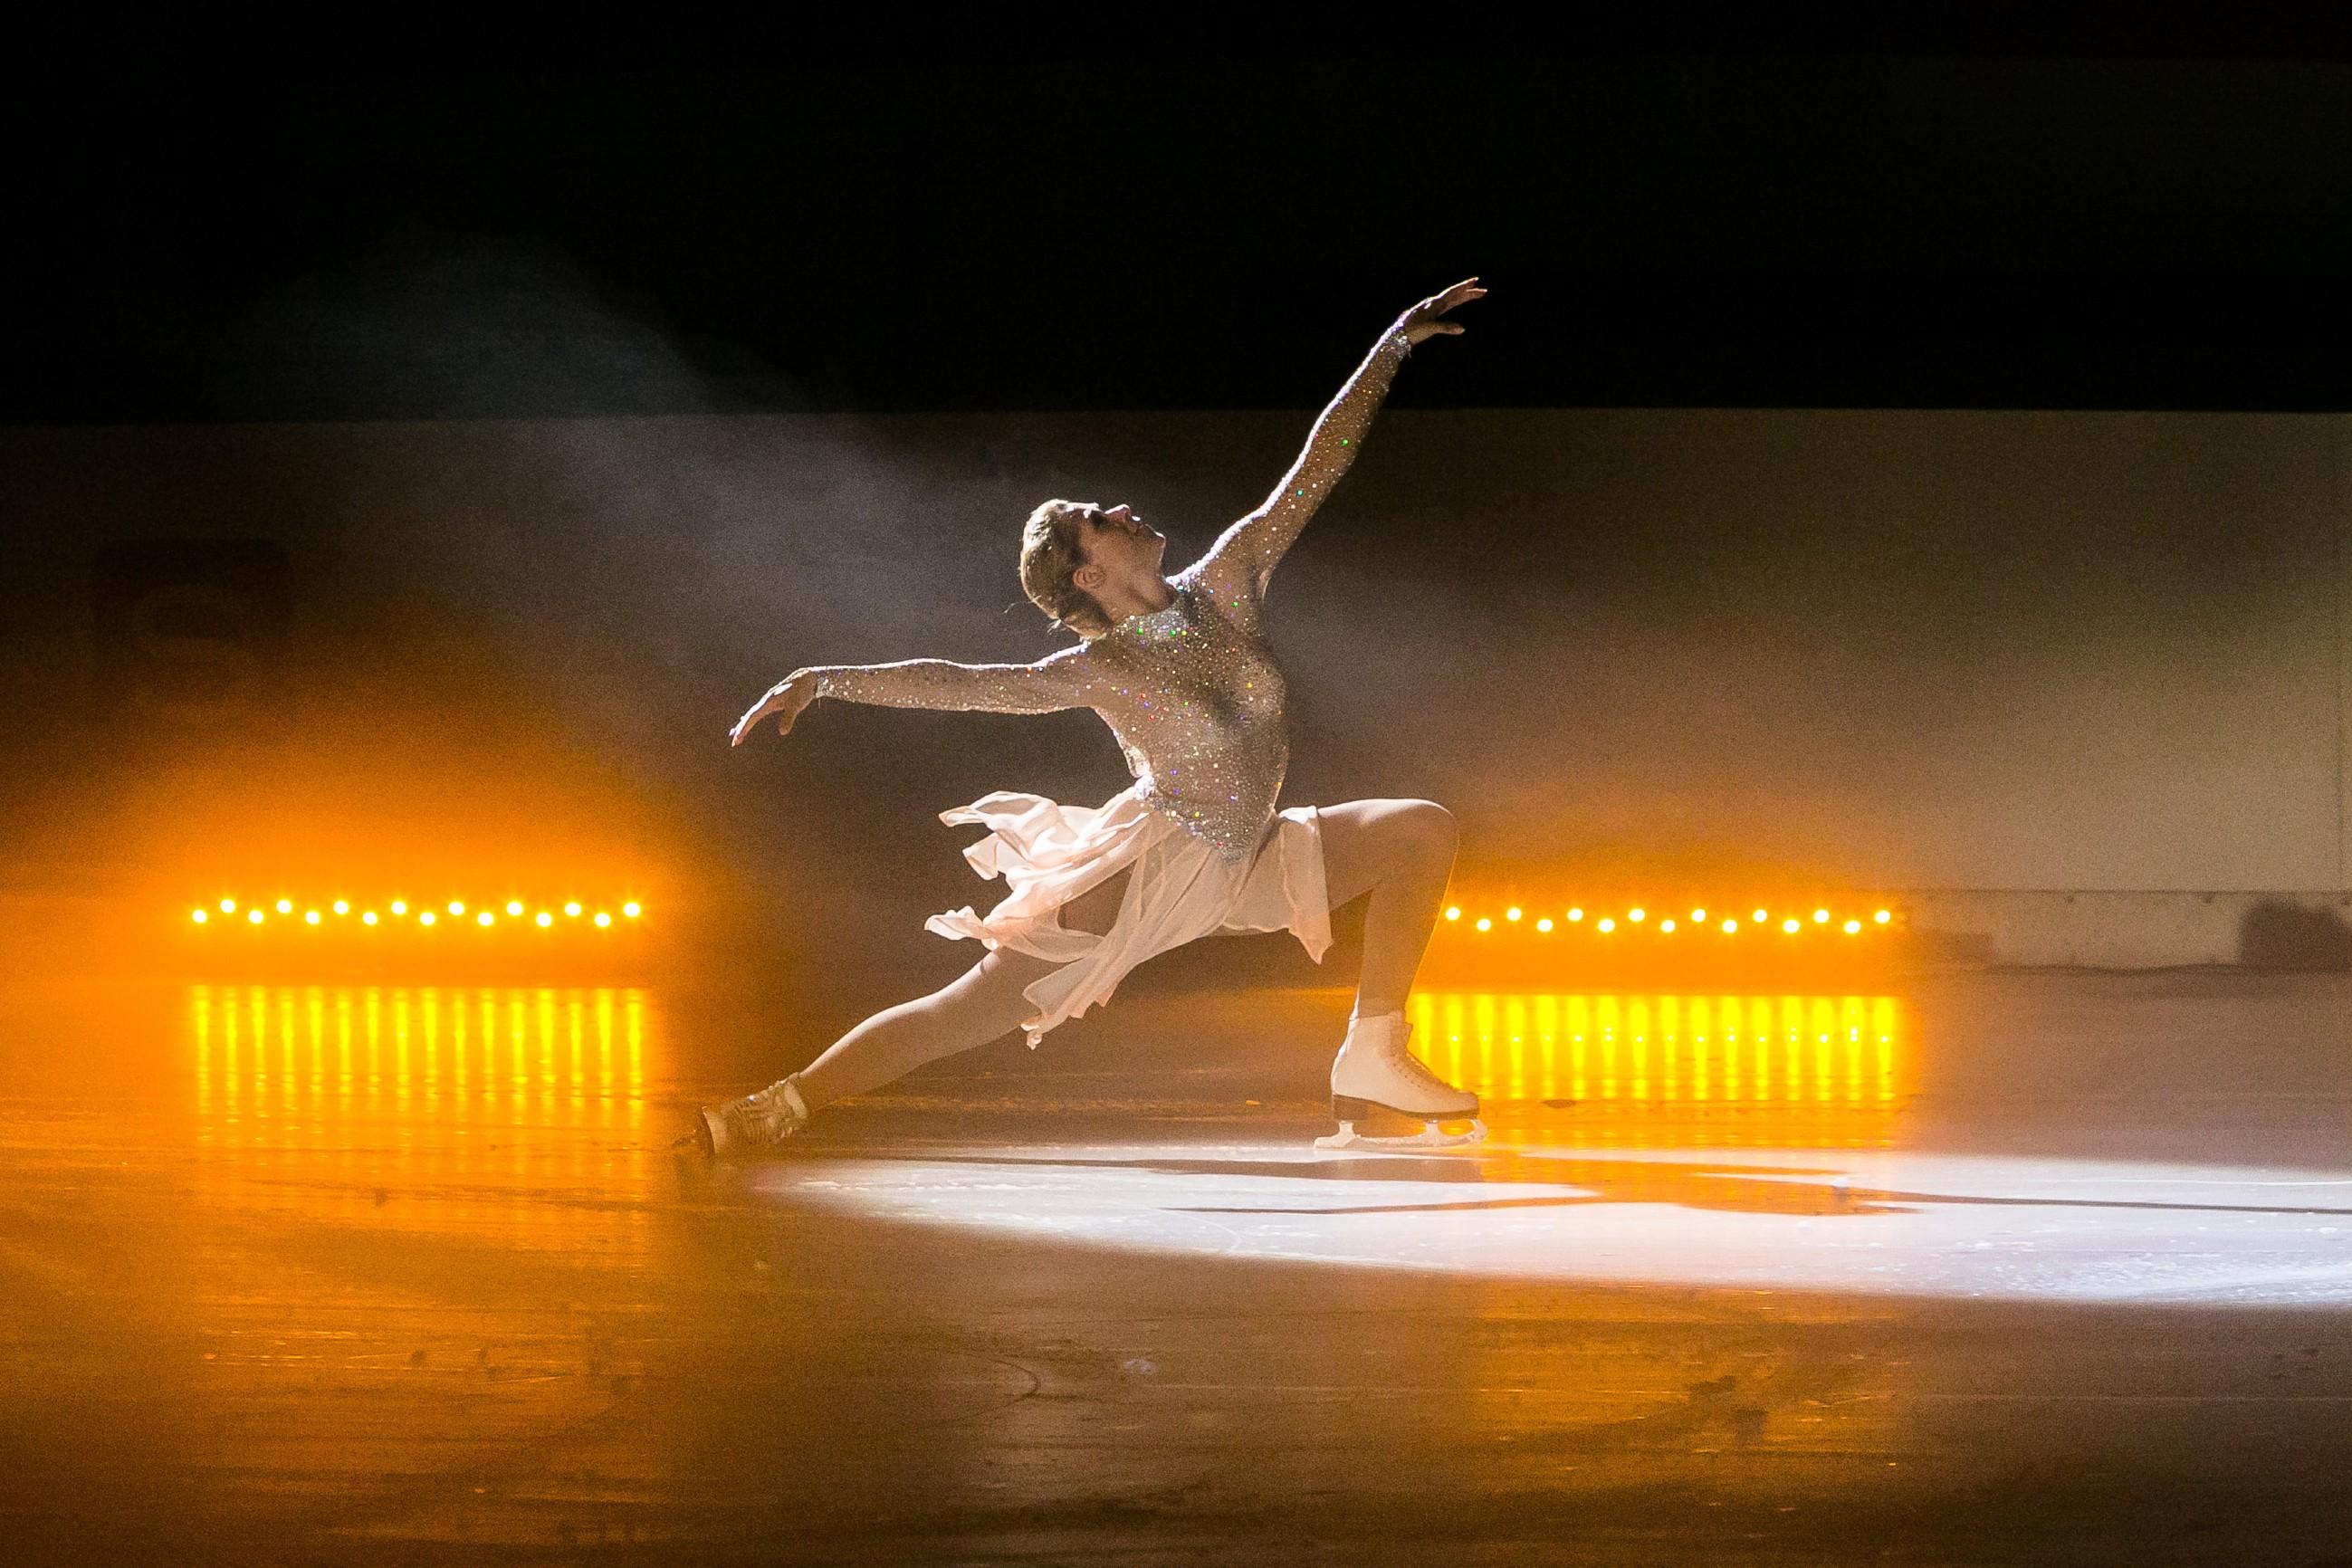 Bei der Eis-Gala läuft Diana (Tanja Szewczenko) strahlend ihre jeden verzaubernde Kür... (Quelle: RTL / Kai Schulz)